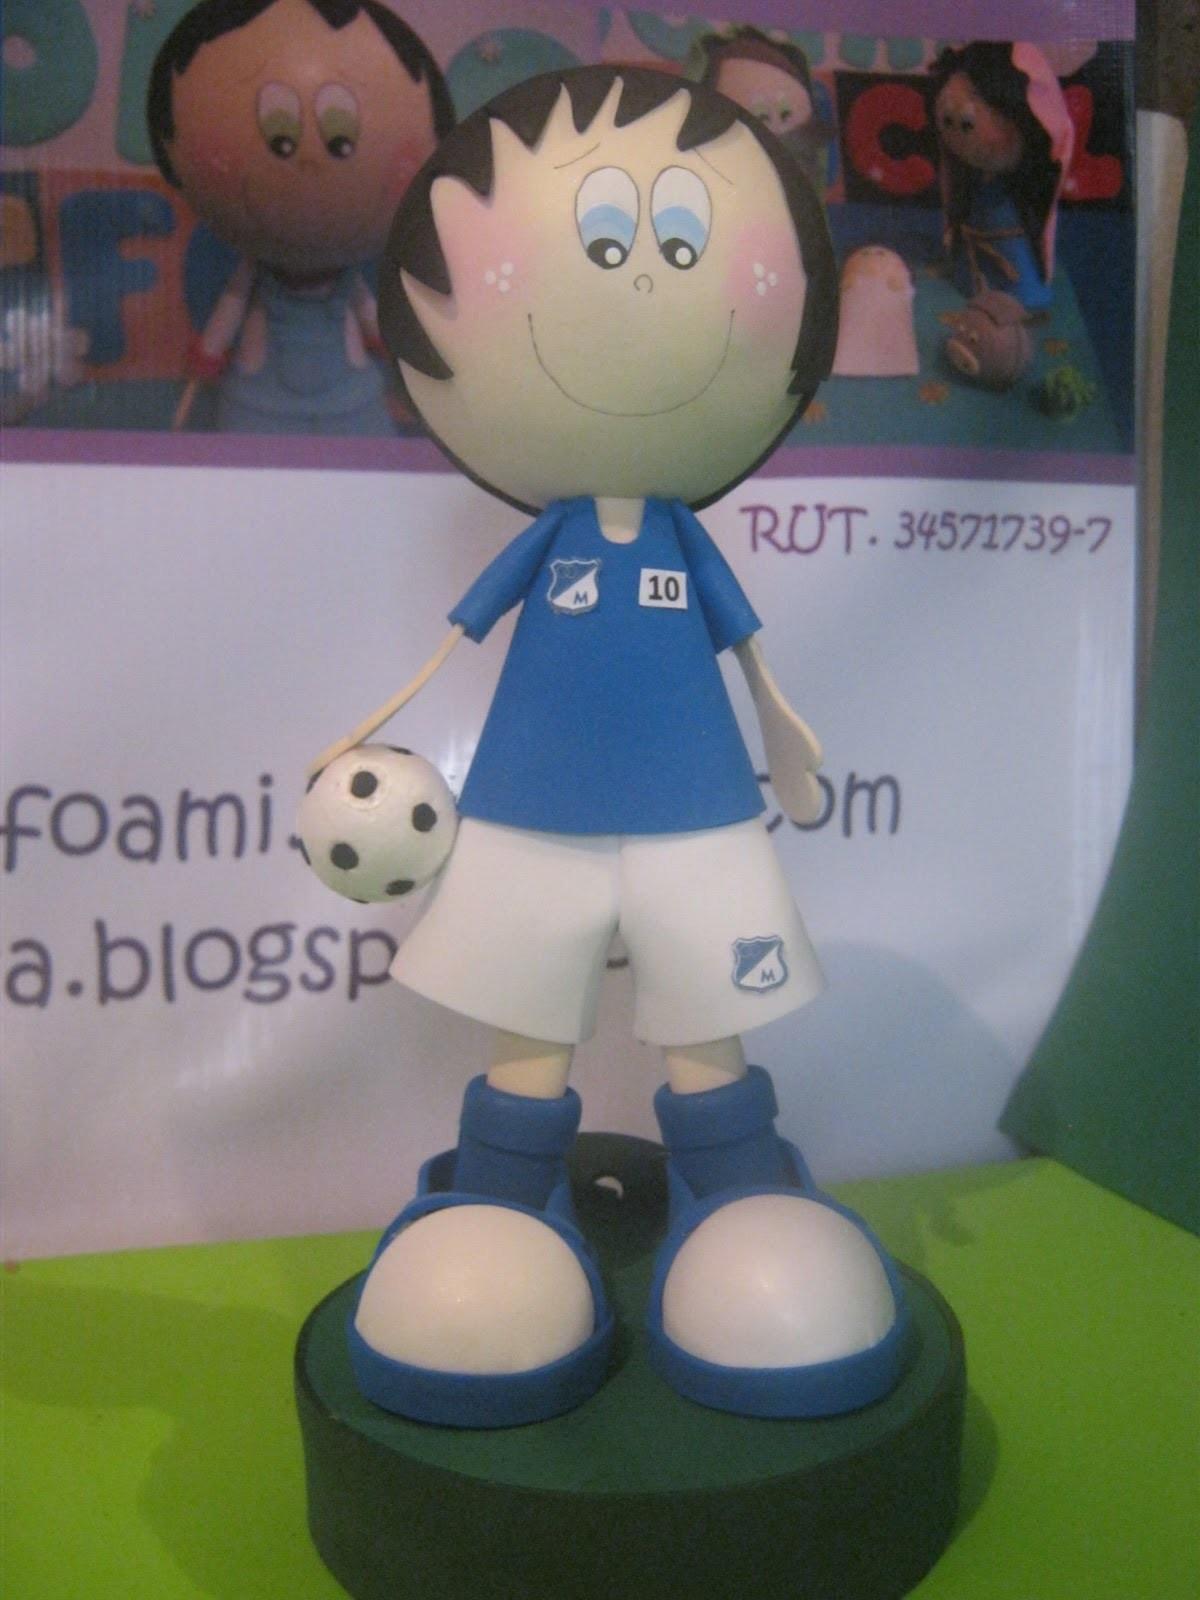 Millos Campeon torneo Futbol Colombiano 2012 Artfoamicol Fofuchas y Patrones.wmv